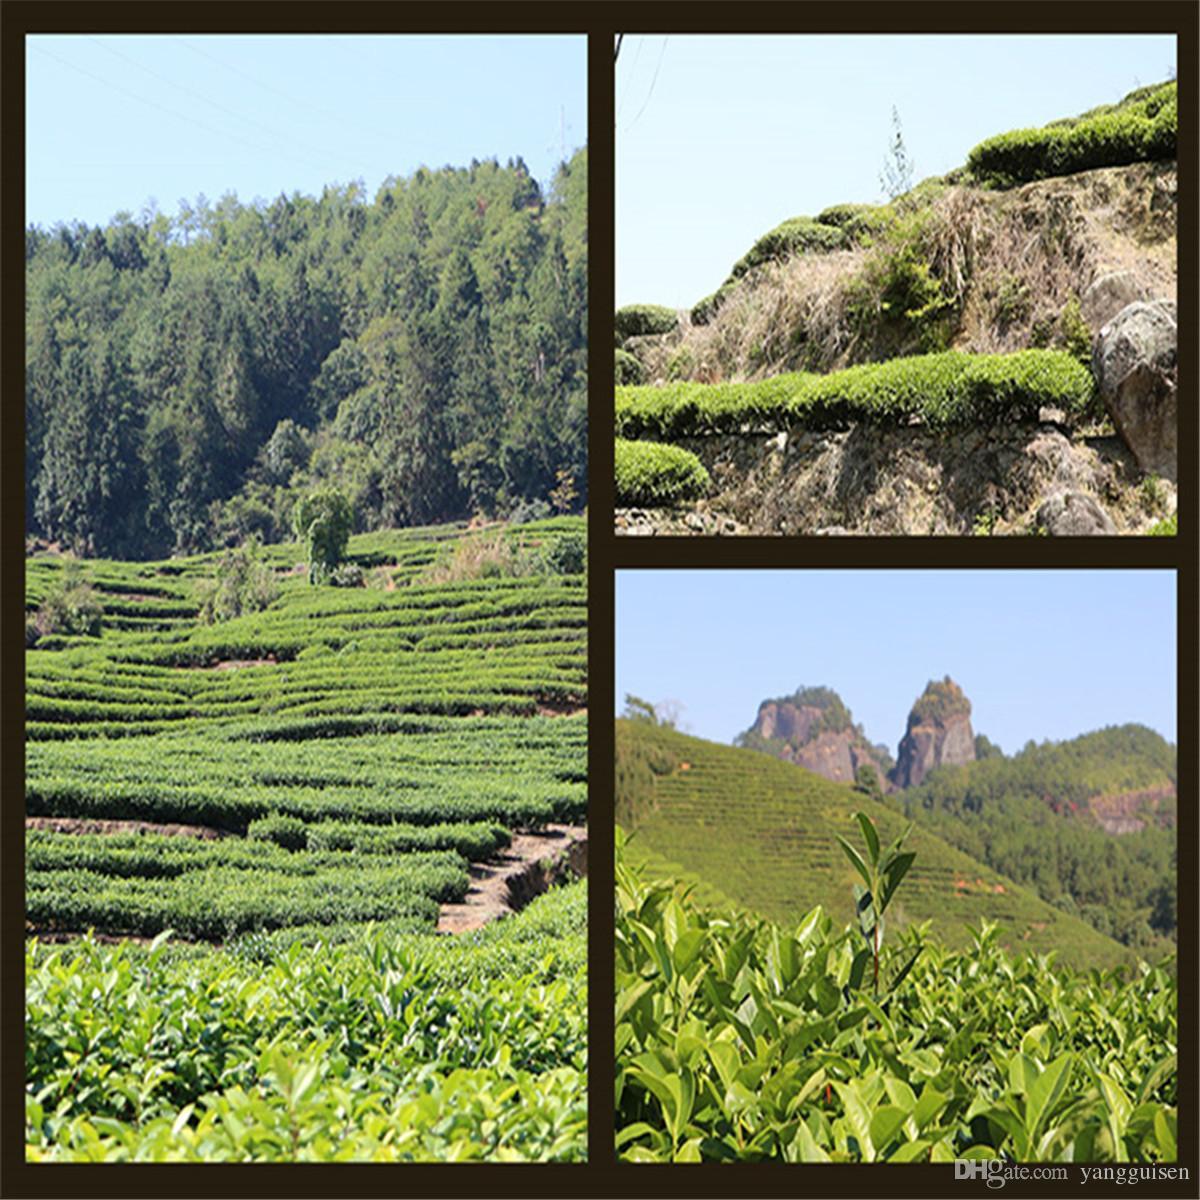 500g Çin Organik Yeşil Çay 4 Vakum paketleri Tayvan ALi Dağ Süt Ulun çayı Yeni Bahar Çay Yeşil Gıda Sıcak satış